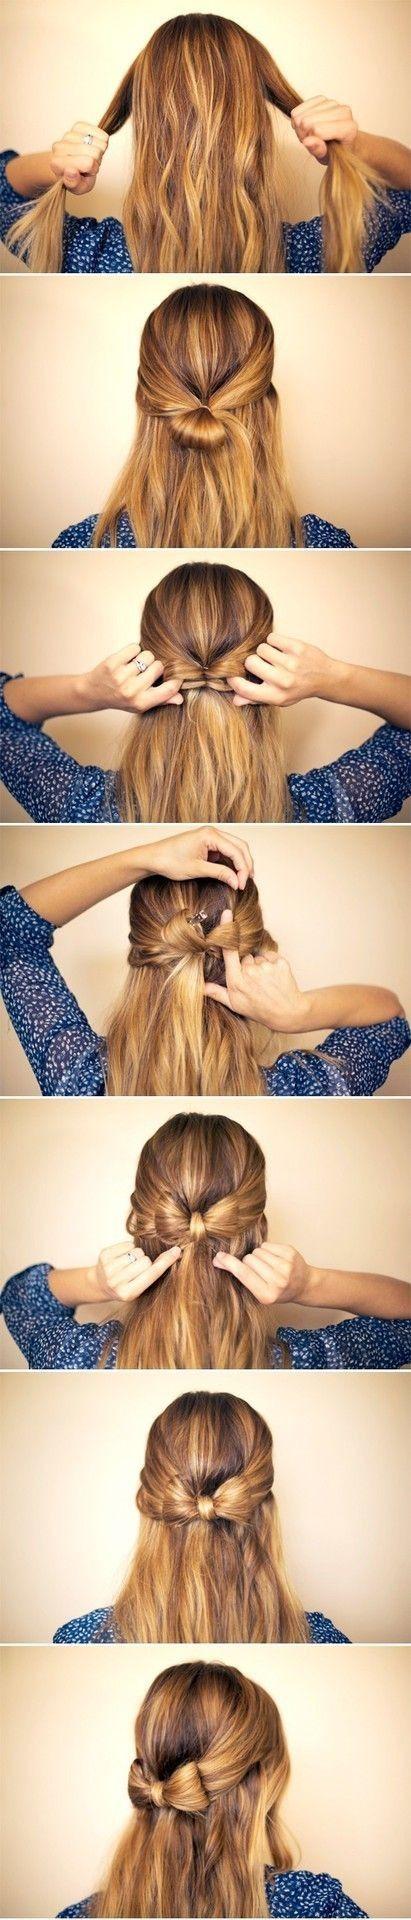 Hair, DYI, penteado, lace hair, cute